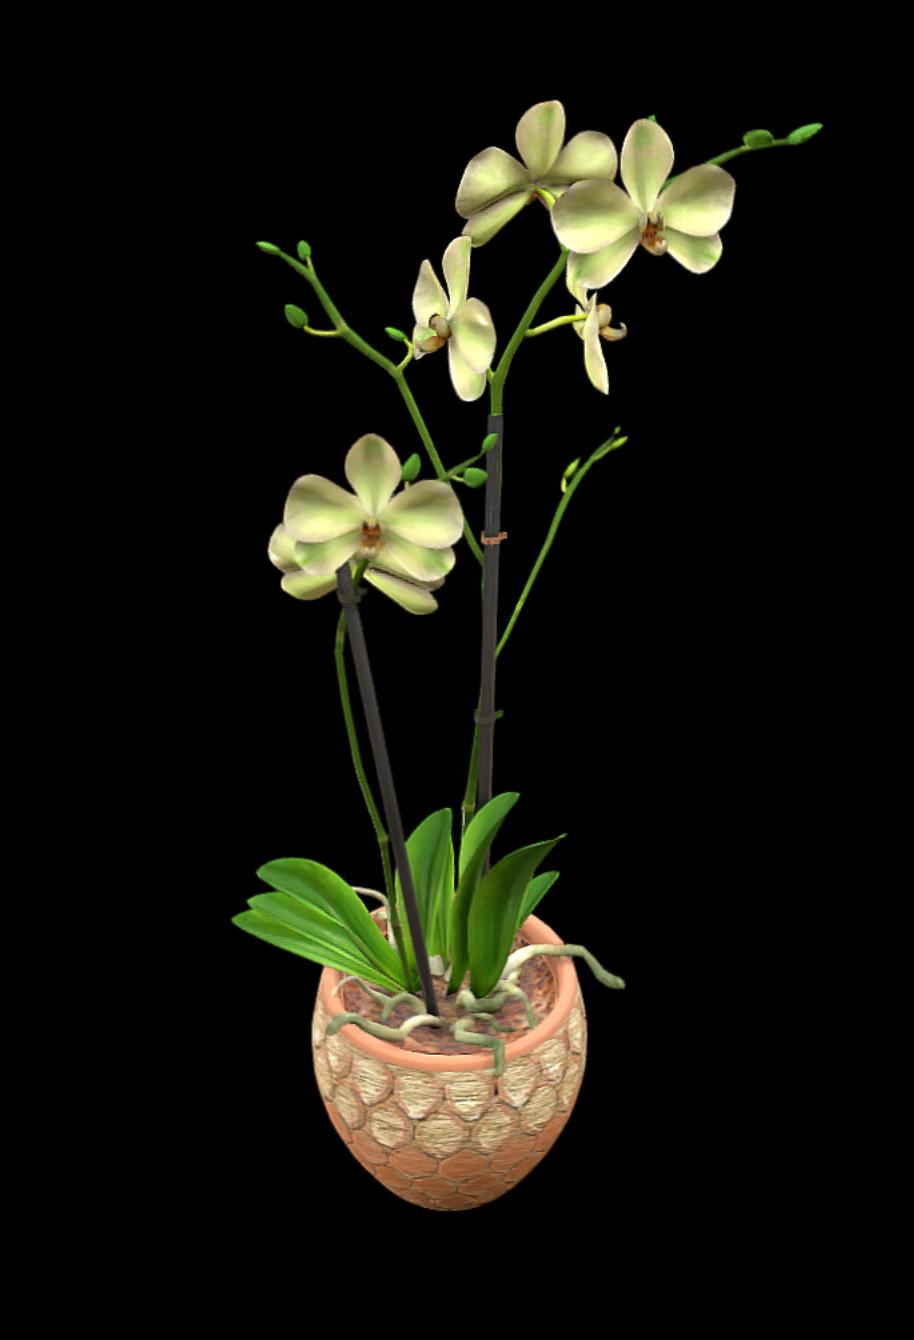 Eine Pflanze in 3D modeliert.